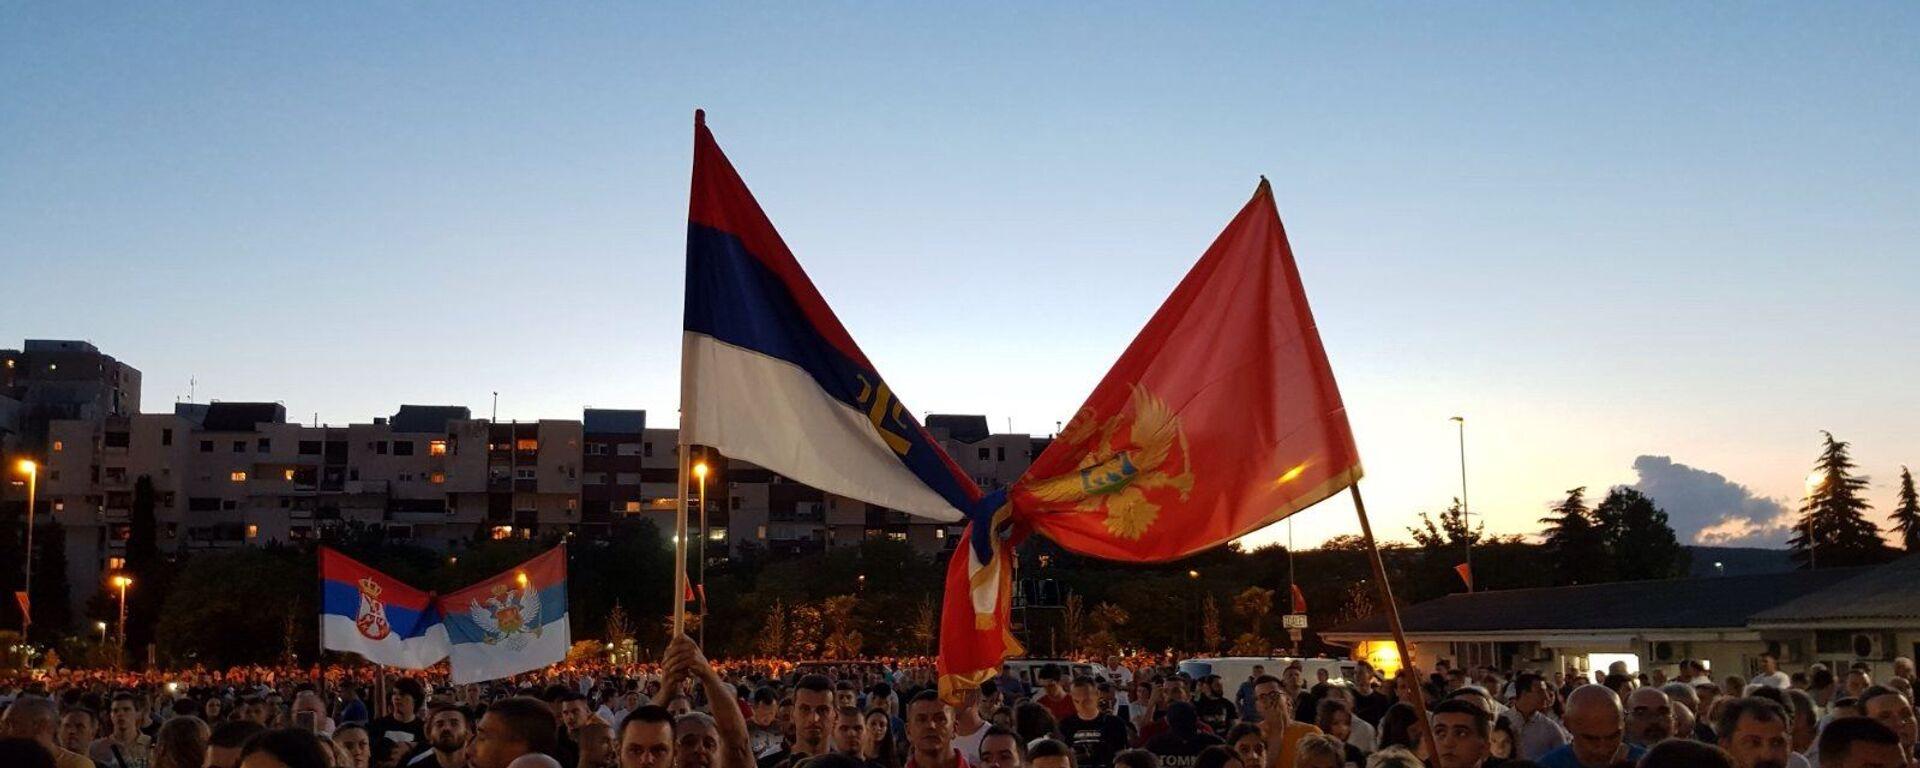 Srpska i crnogorska zastava uvezane na molebanu u Podgorici - Sputnik Srbija, 1920, 12.08.2021